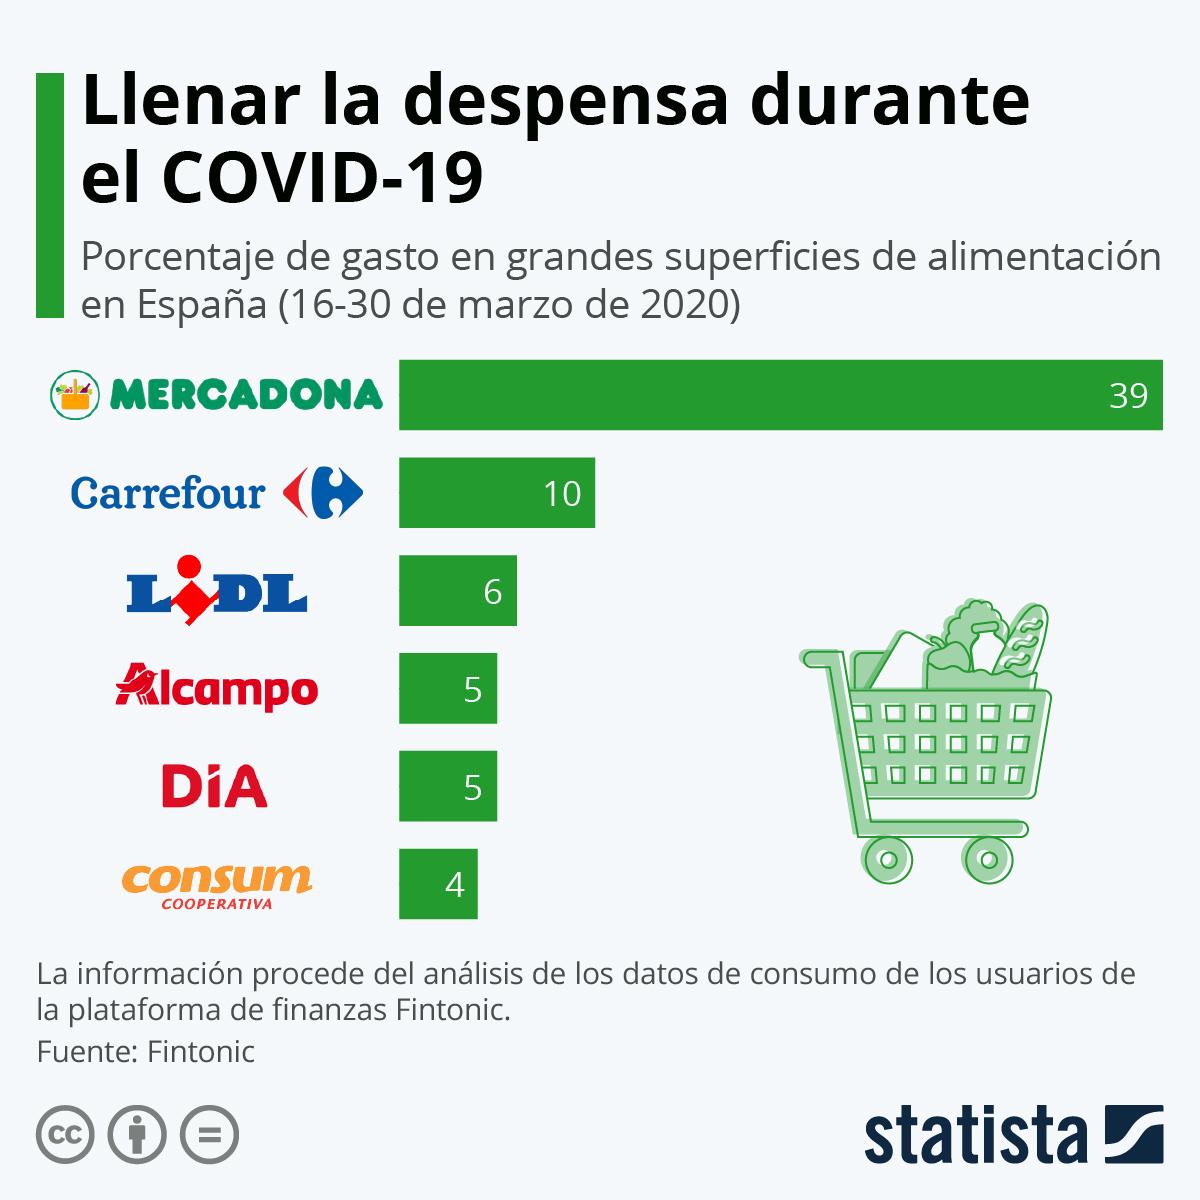 Infografía: Llenar la despensa durante el COVID-19 | Statista